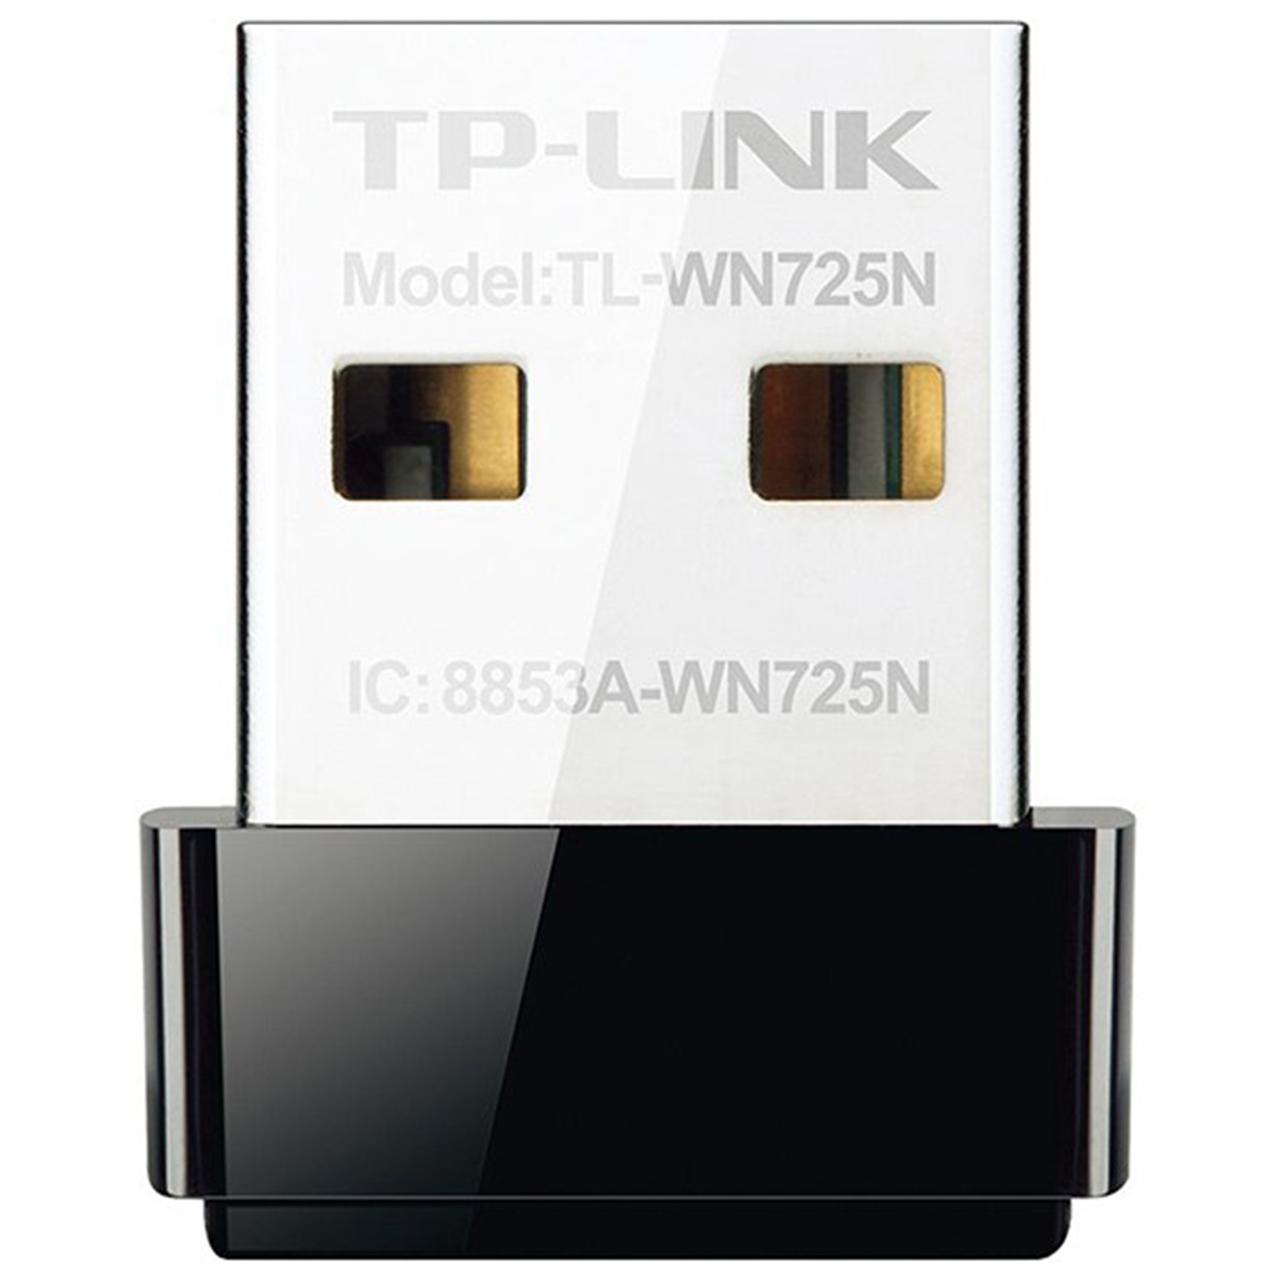 كارت شبكه USB بي سيم N150 Nano تي پي-لينك مدل TL-WN725N